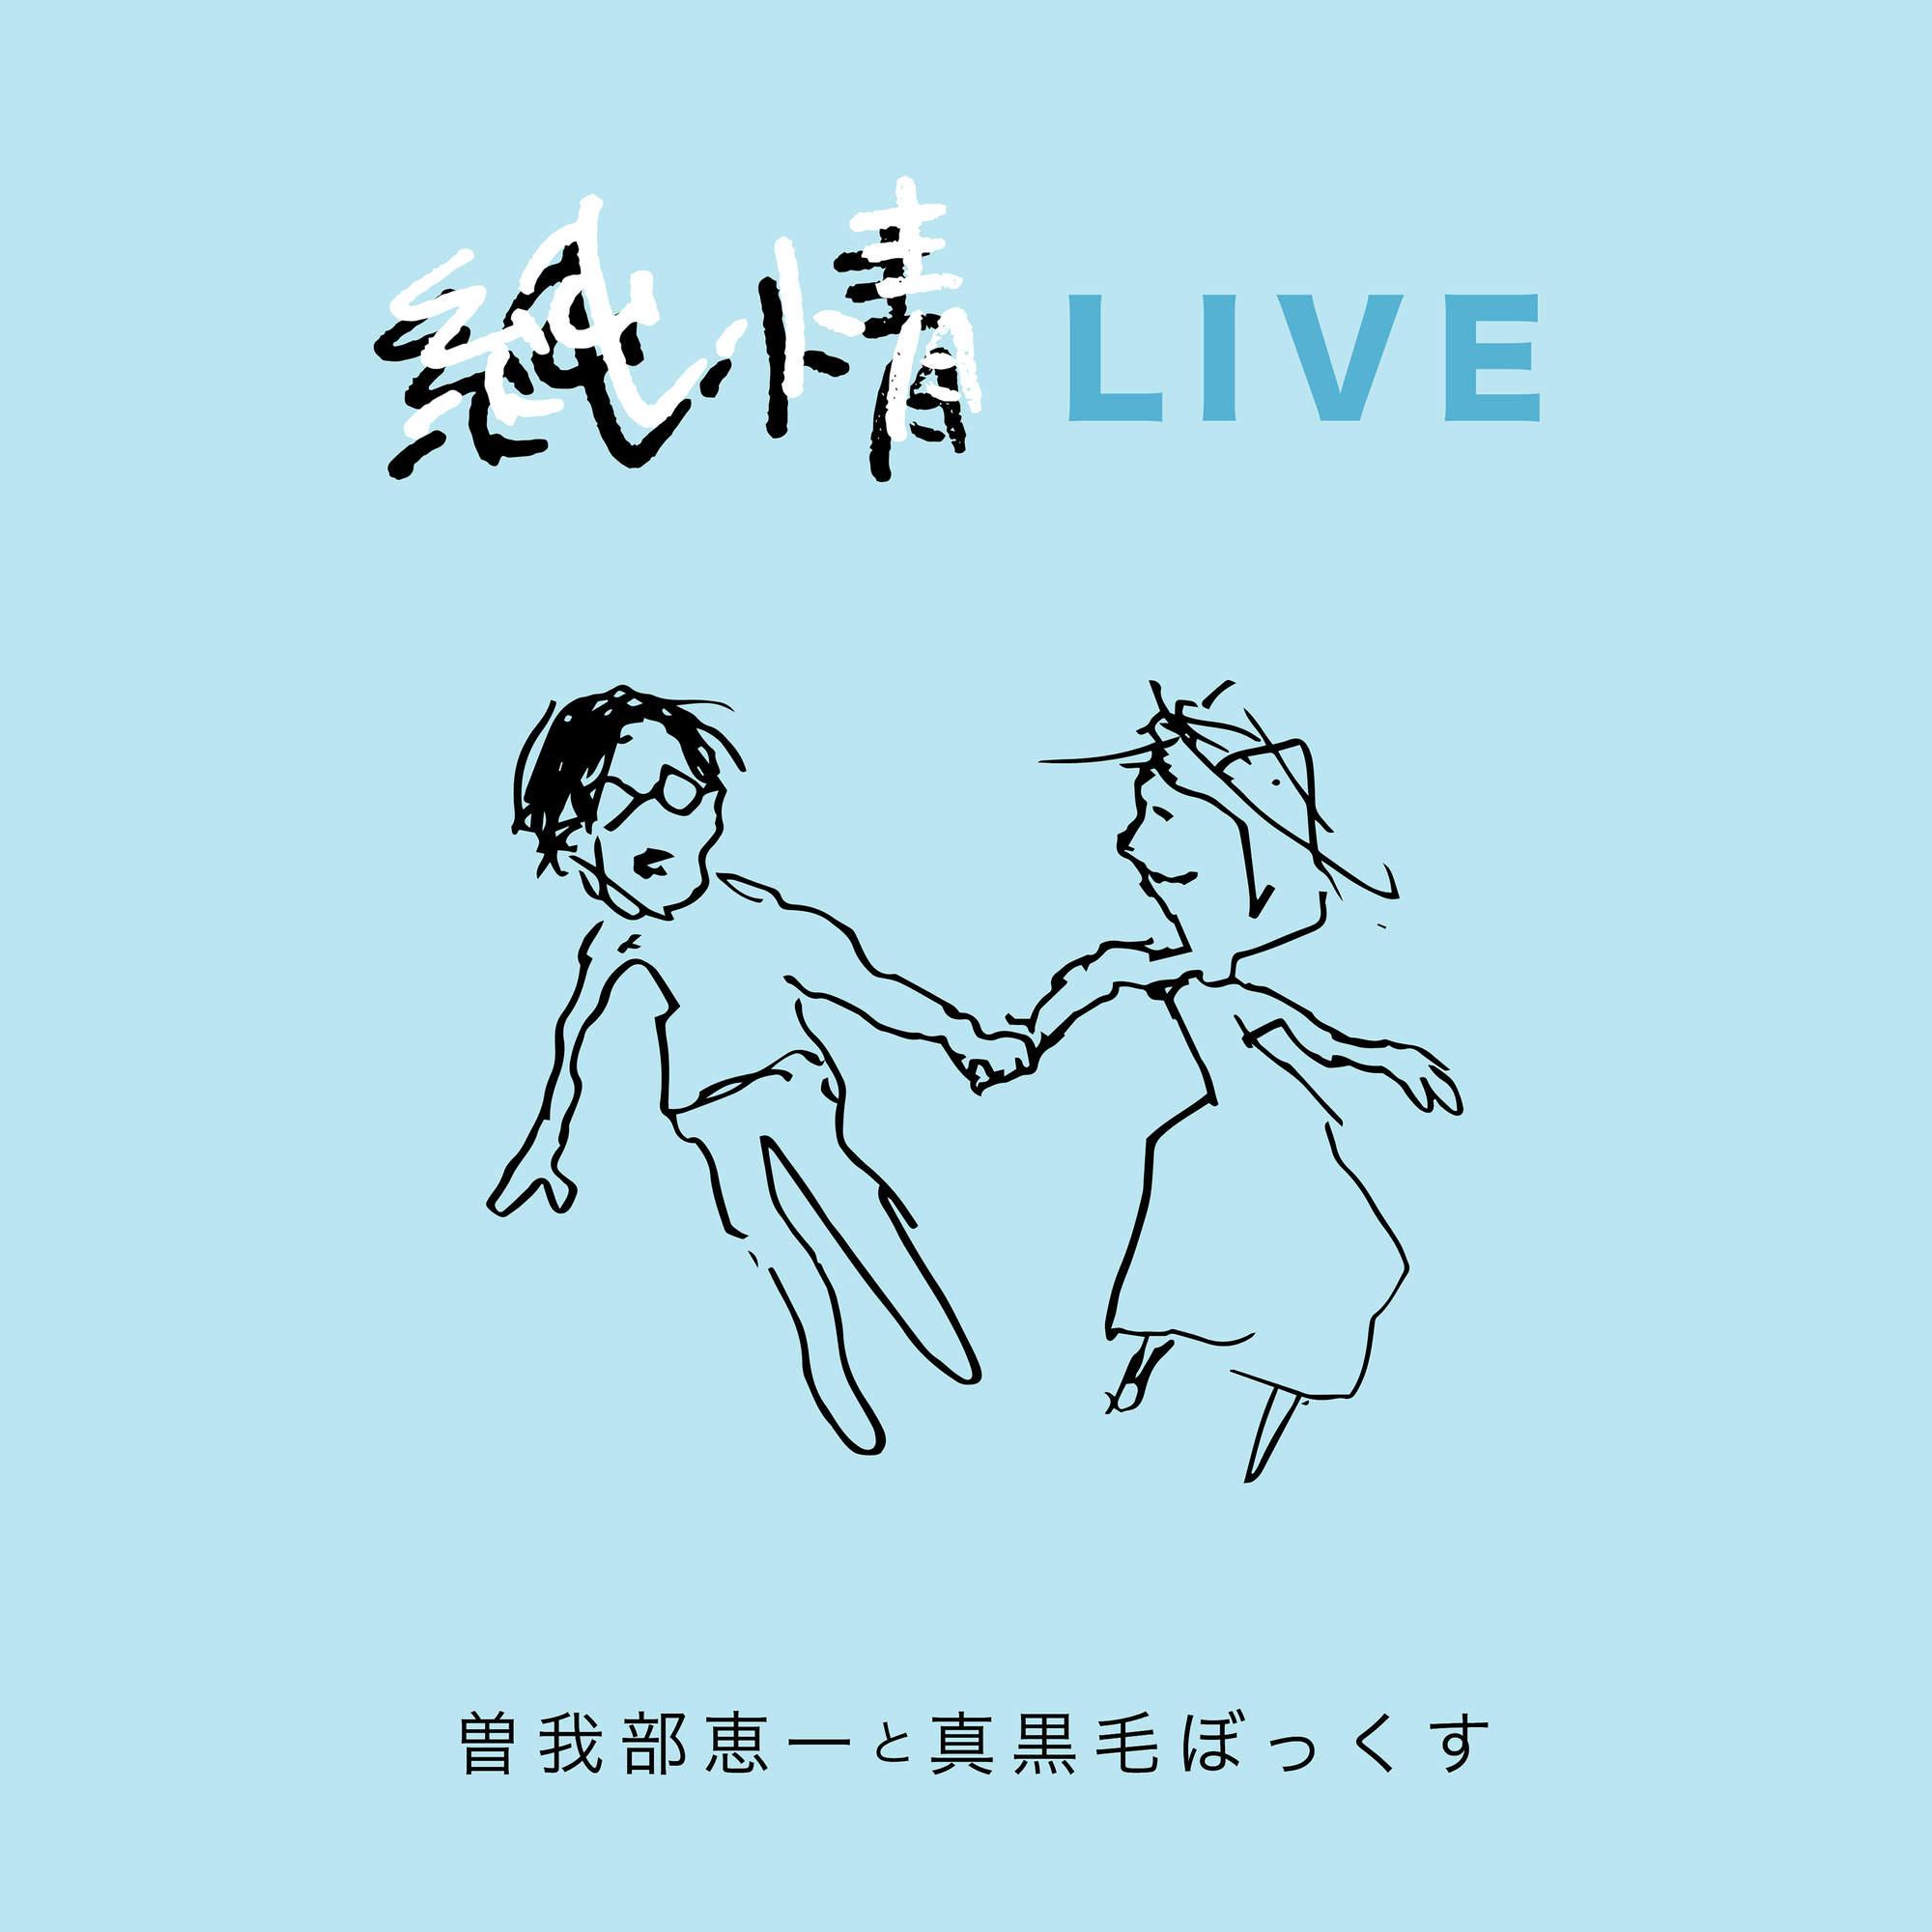 曽我部恵一と真黒毛ぼっくす「海岸行き」のライブ映像公開